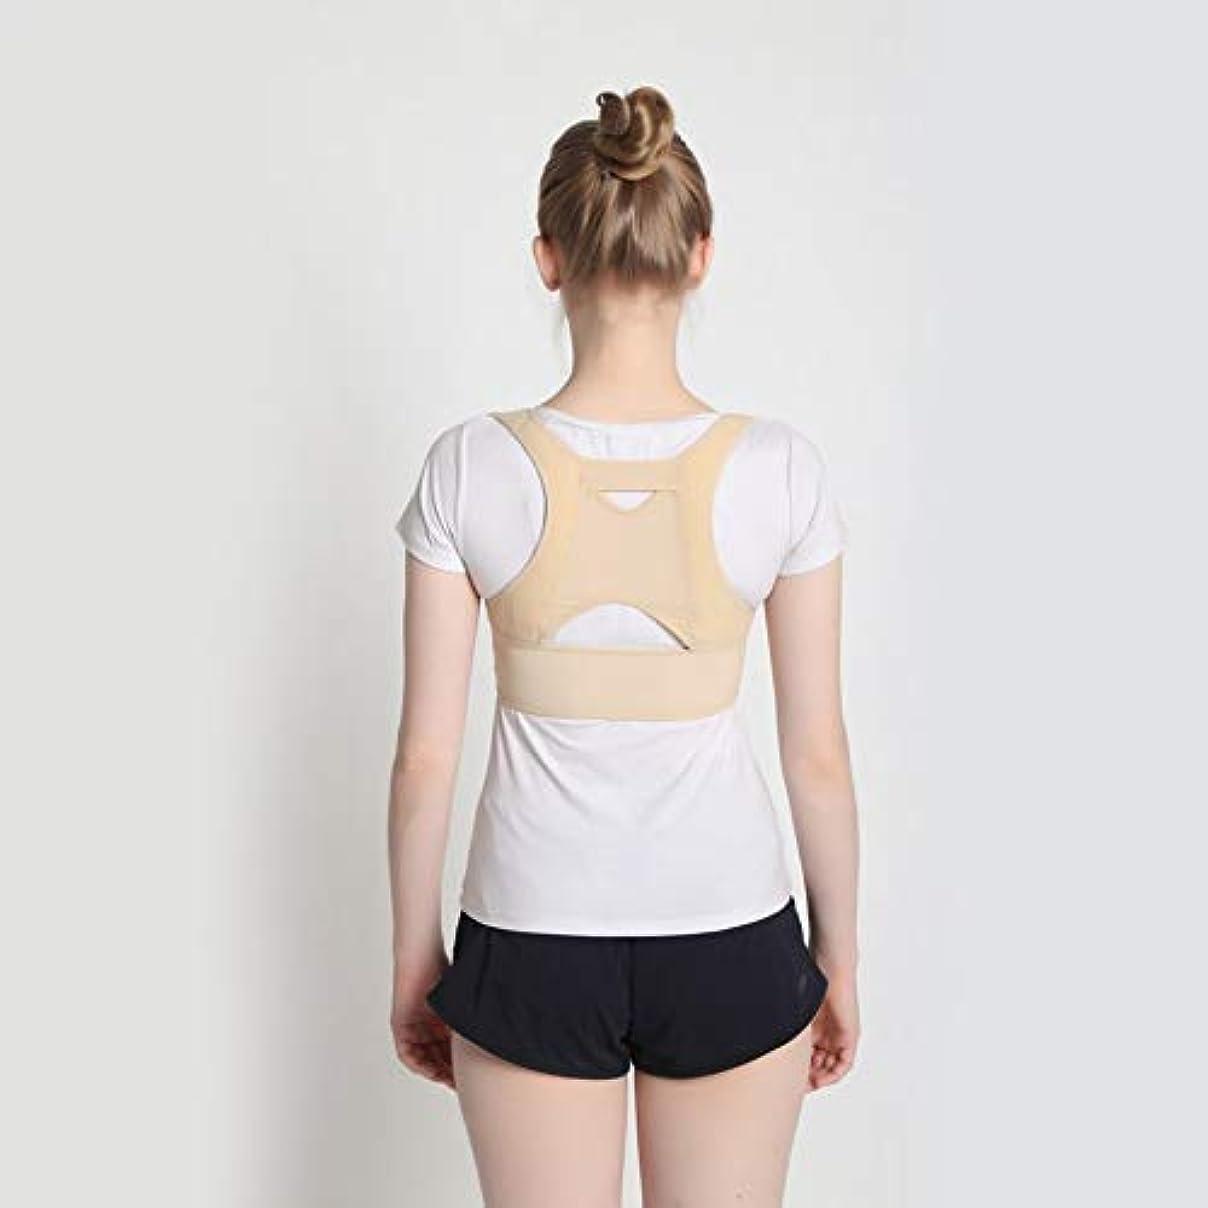 草絶妙変装通気性のある女性の背中の姿勢矯正コルセット整形外科の肩の背骨の背骨の姿勢矯正腰椎サポート